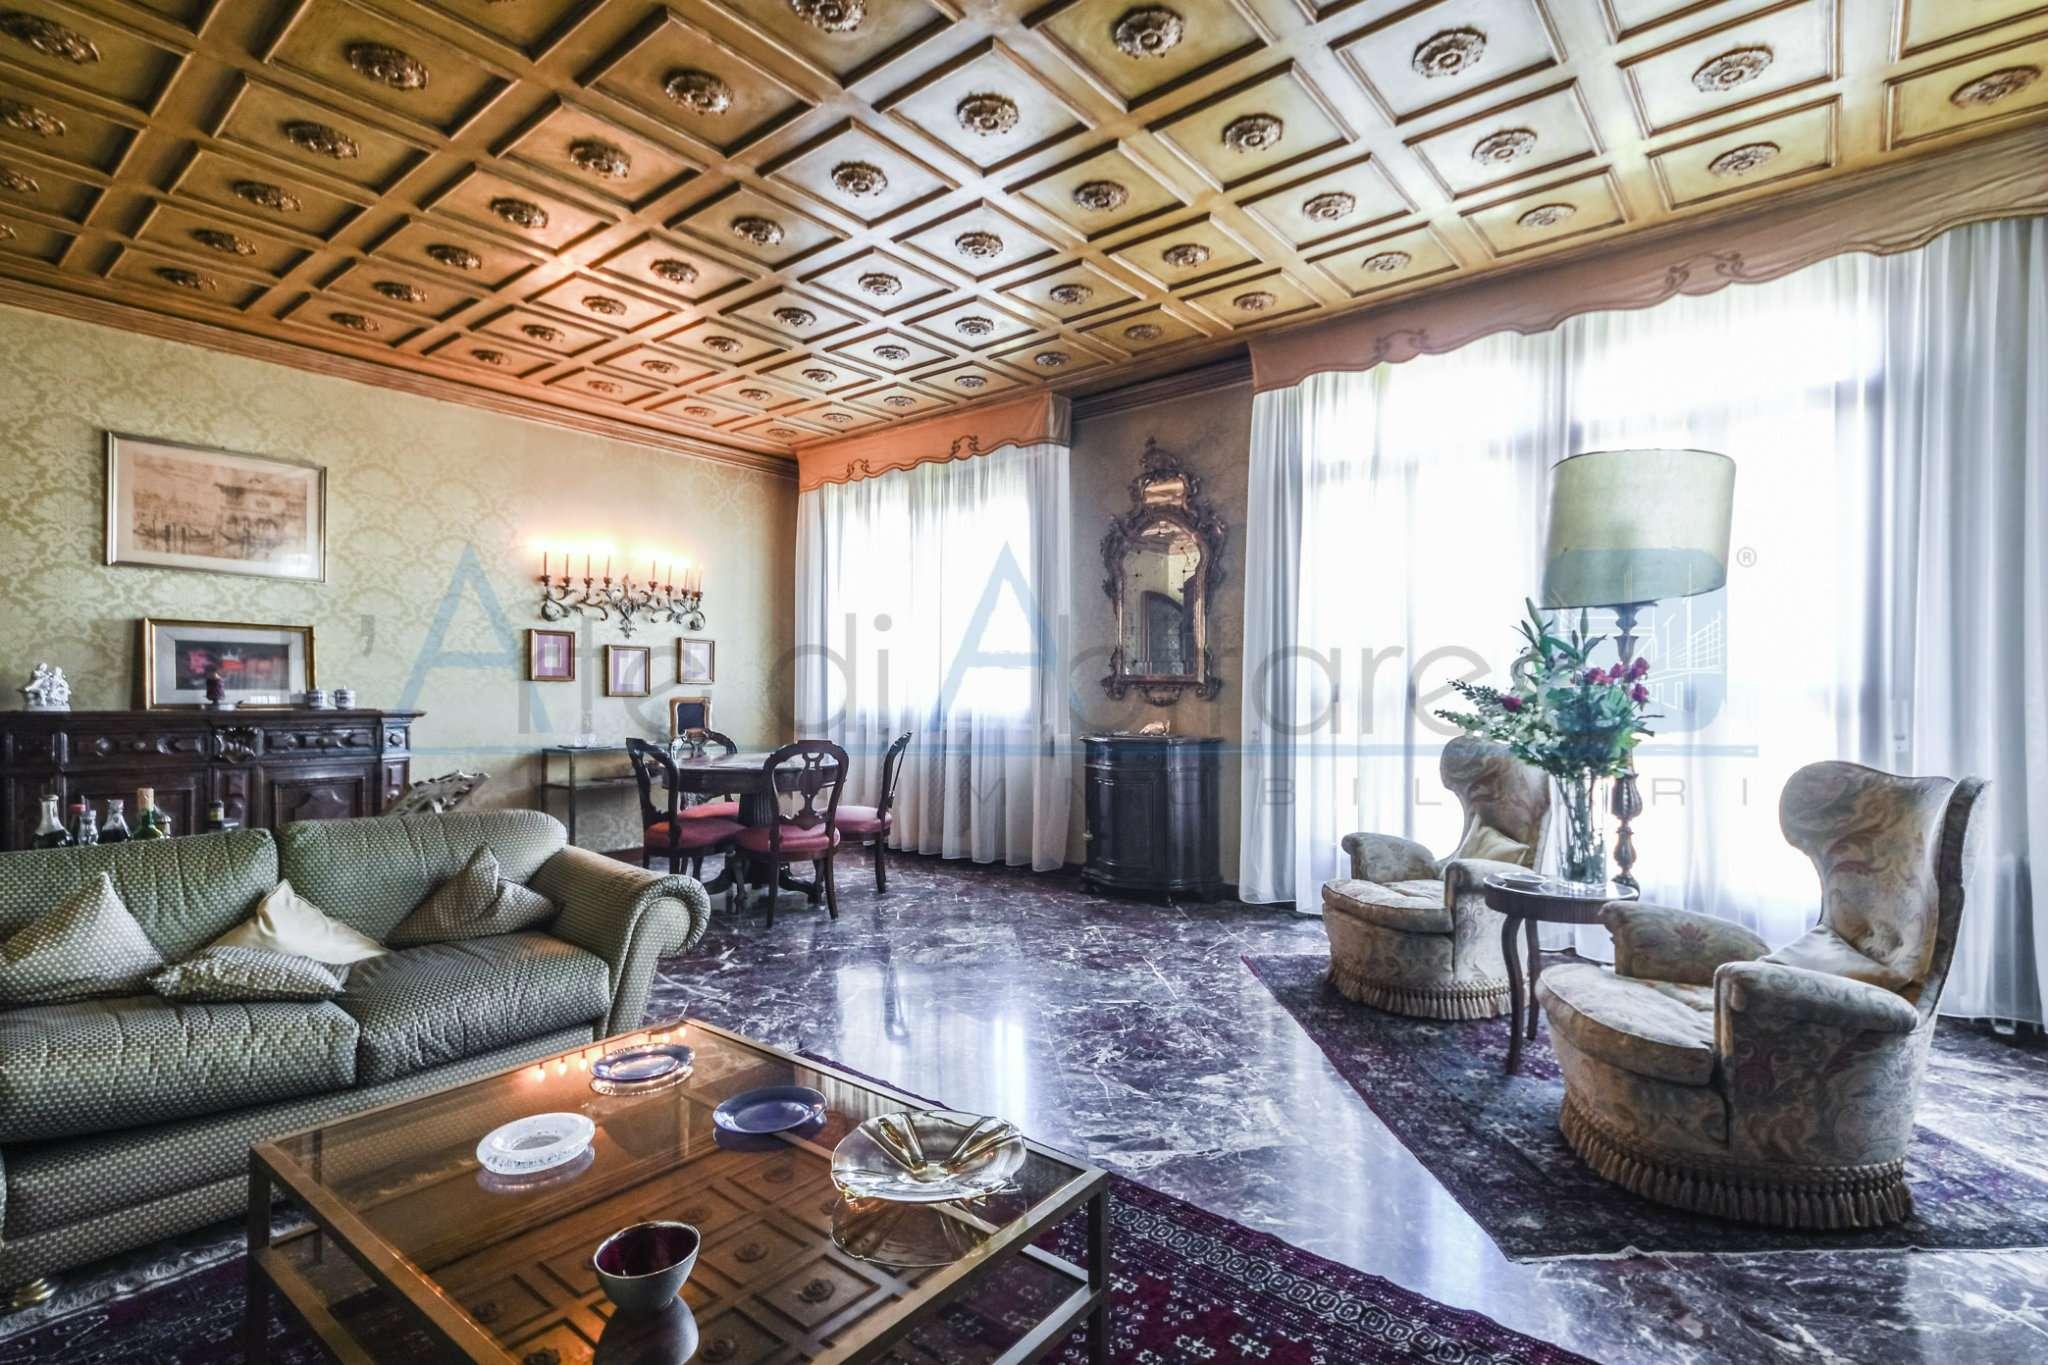 Appartamento in vendita a Venezia, 6 locali, zona Zona: 8 . Lido, prezzo € 900.000 | CambioCasa.it